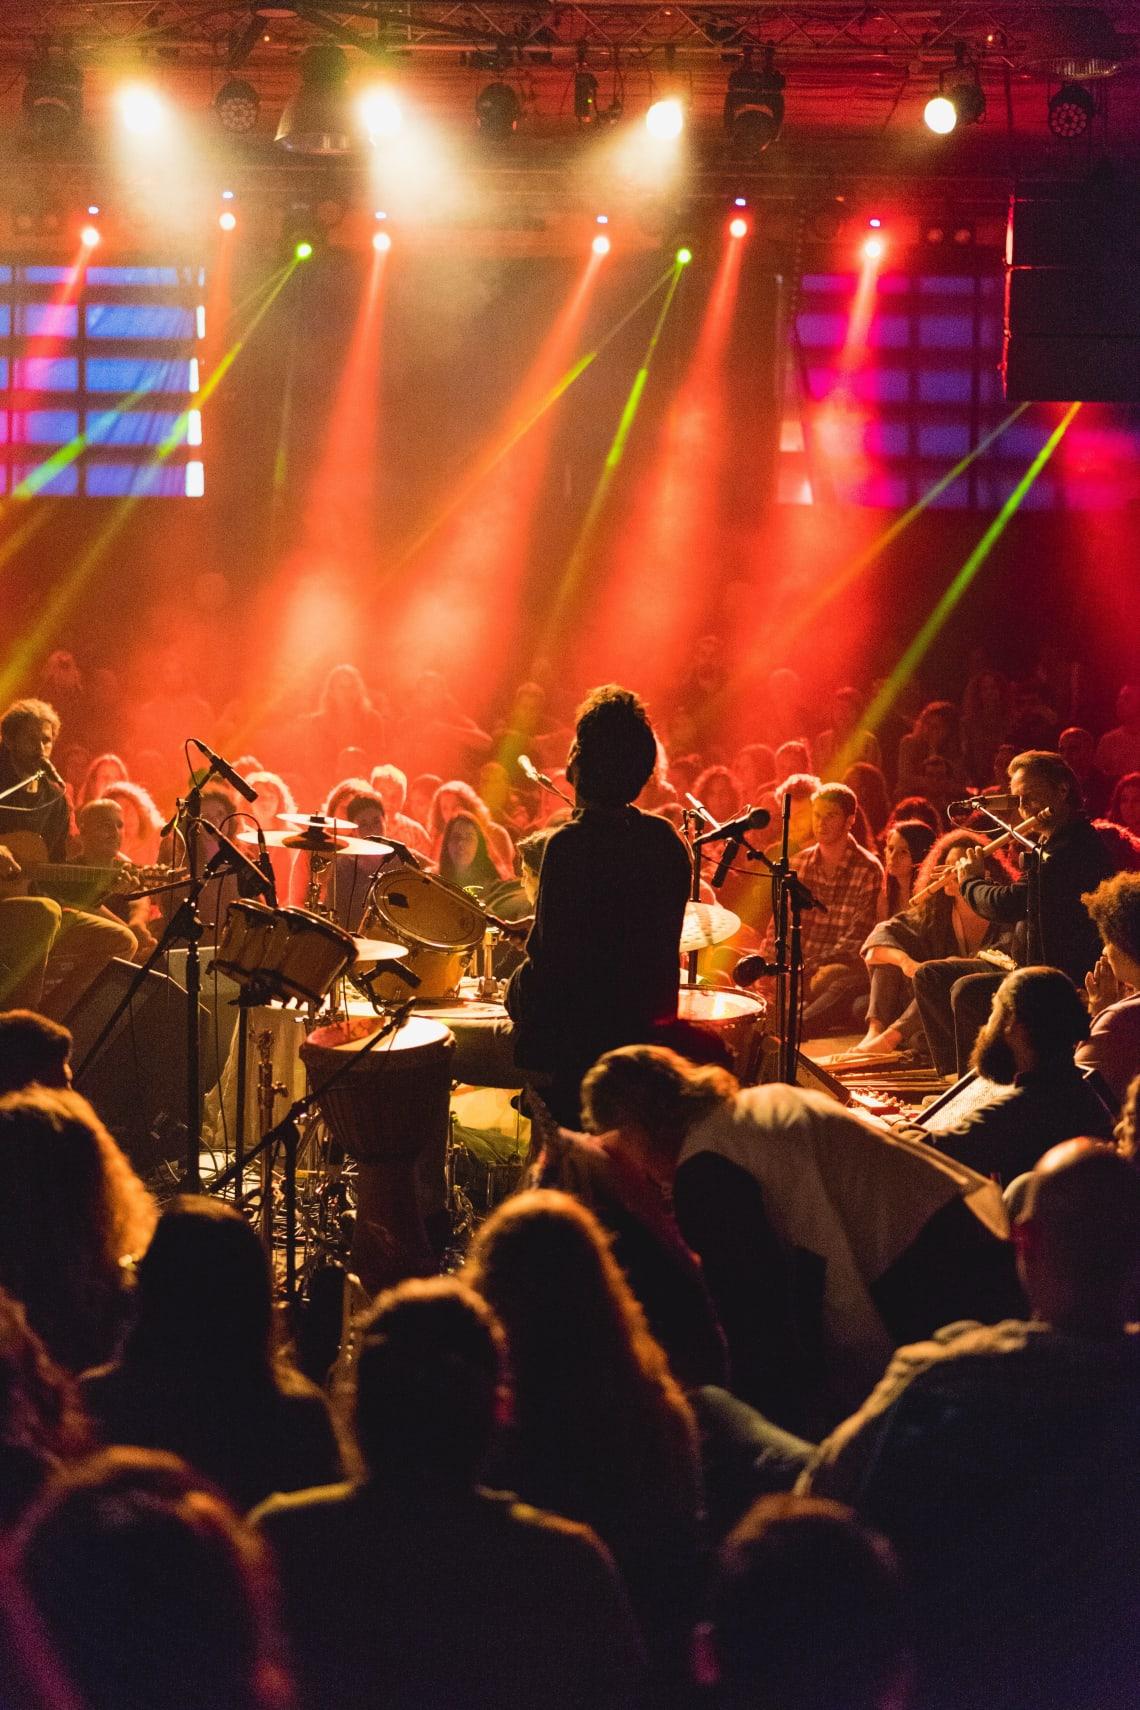 Concert, Abraham Hostel, Tel Aviv, Israel